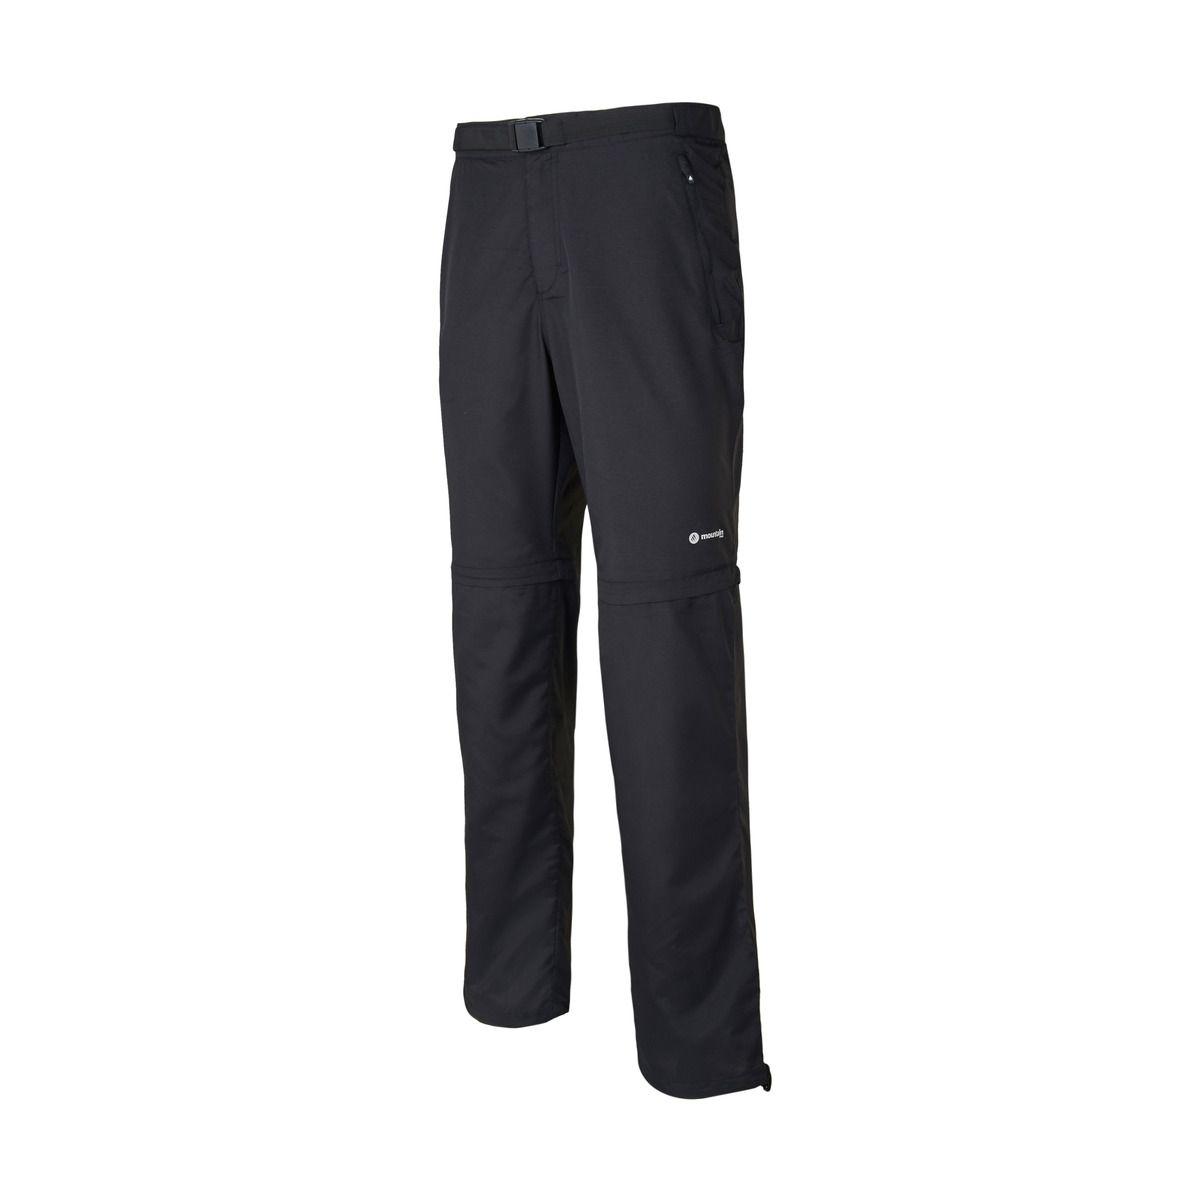 Pantalon zipoff